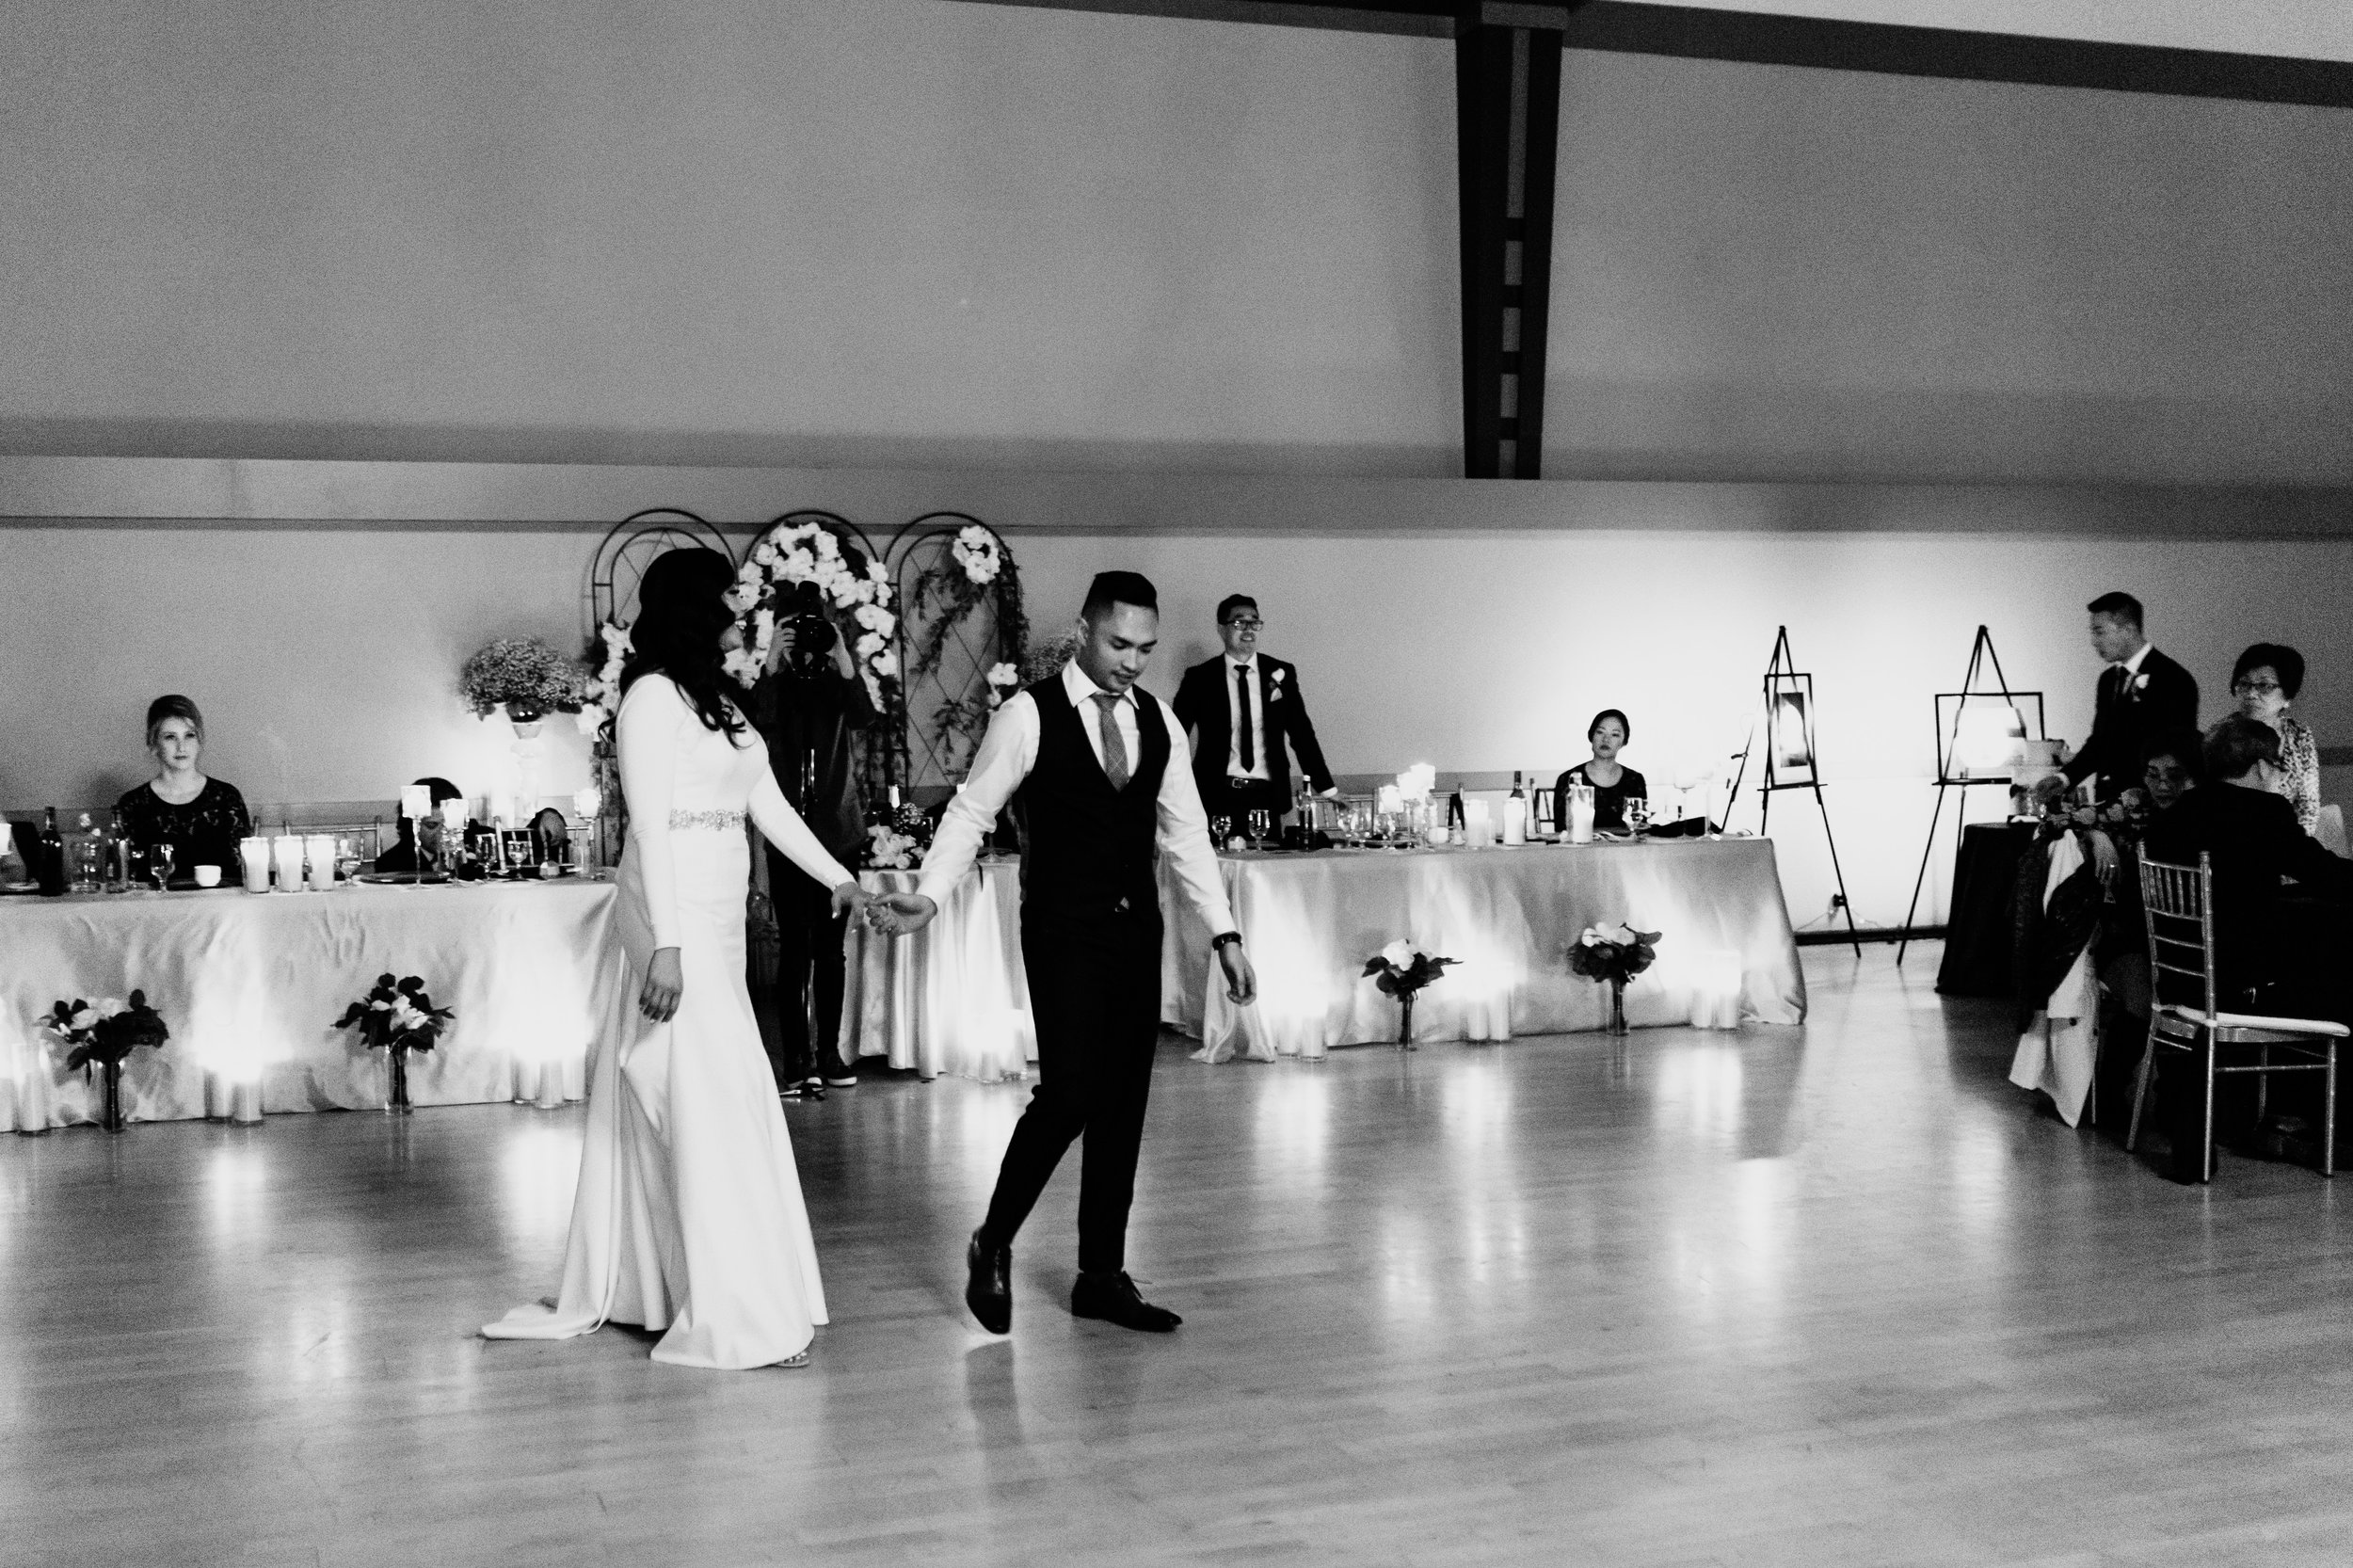 dance-7.jpg